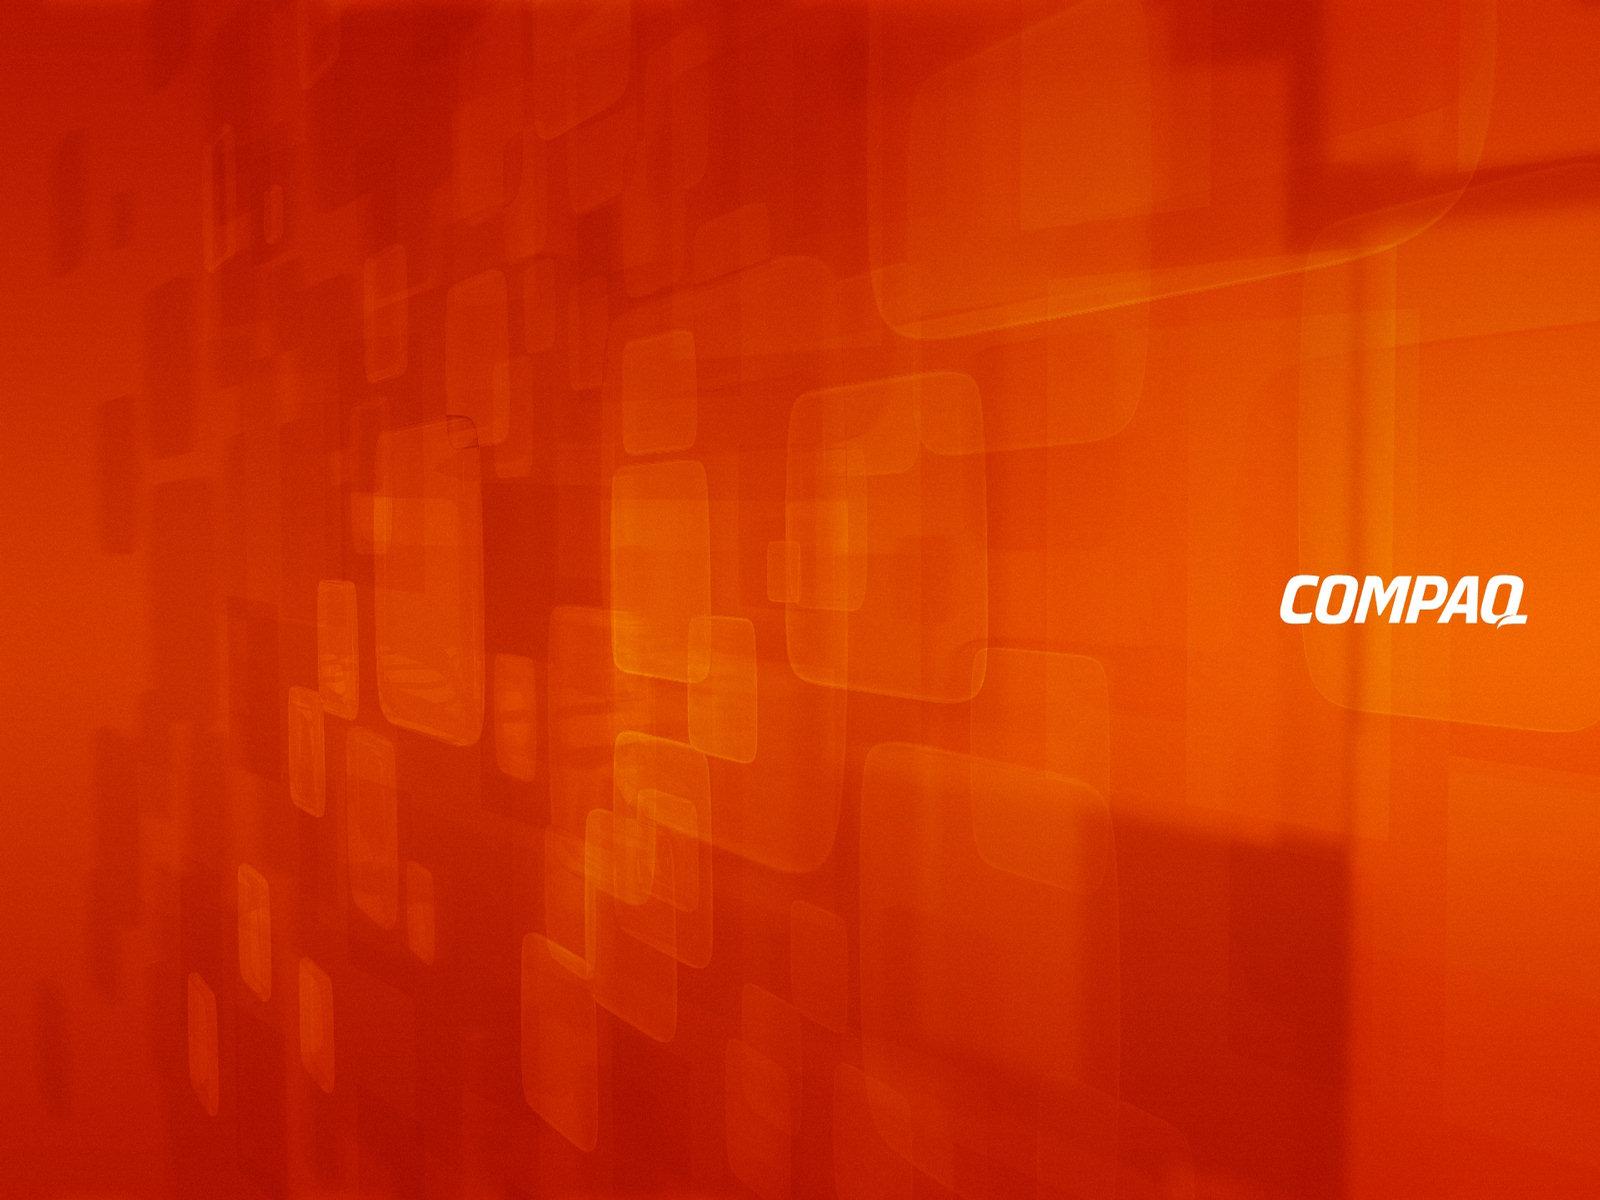 http://2.bp.blogspot.com/_T2buuNUUNTA/TOq1m0nafNI/AAAAAAAADs0/Q1NgkWoyYmI/s1600/compaq-orange-wallpapers_686_1600.jpg